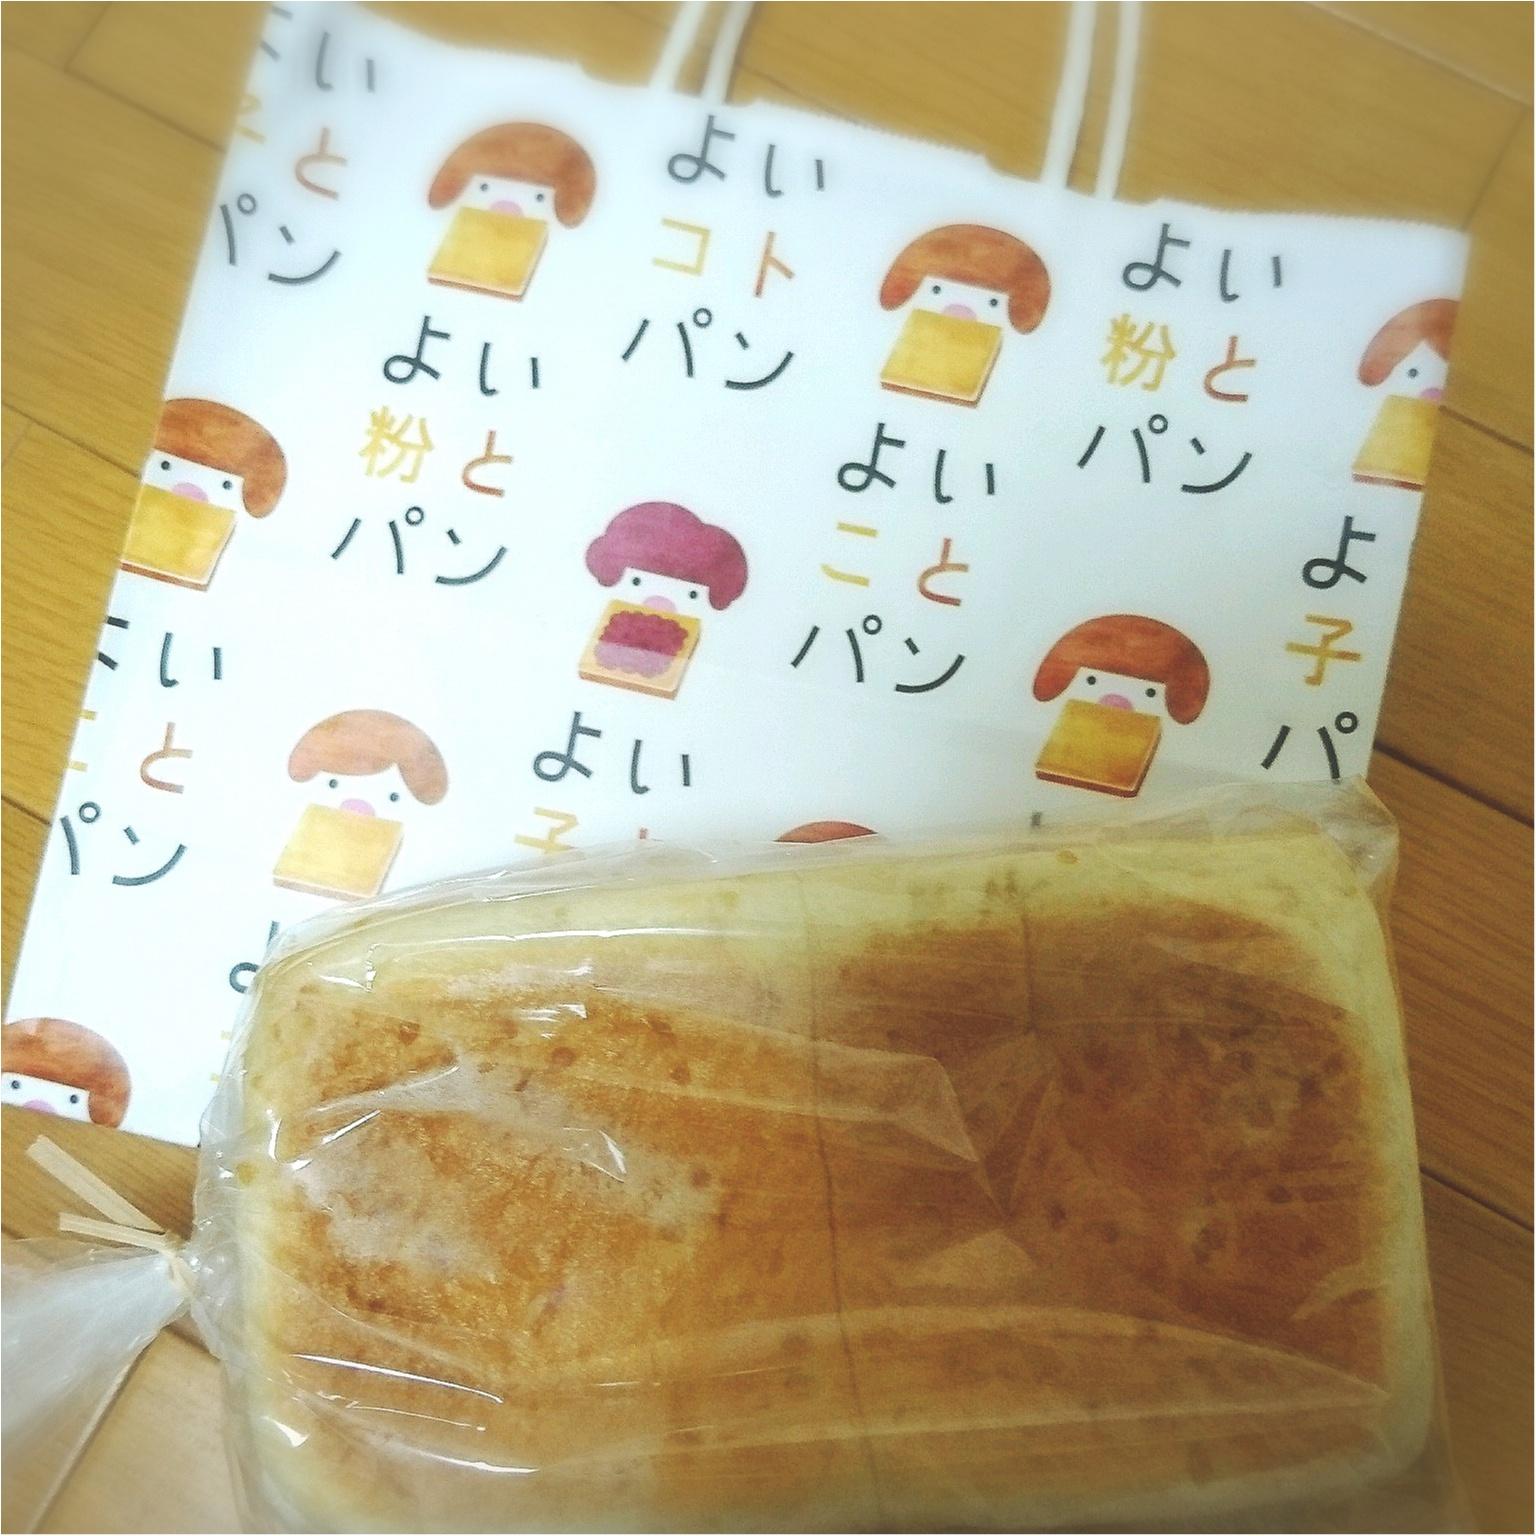 【名古屋土産】体と心においしい!もっちりして美味しい″よいこと″パン♡ _3